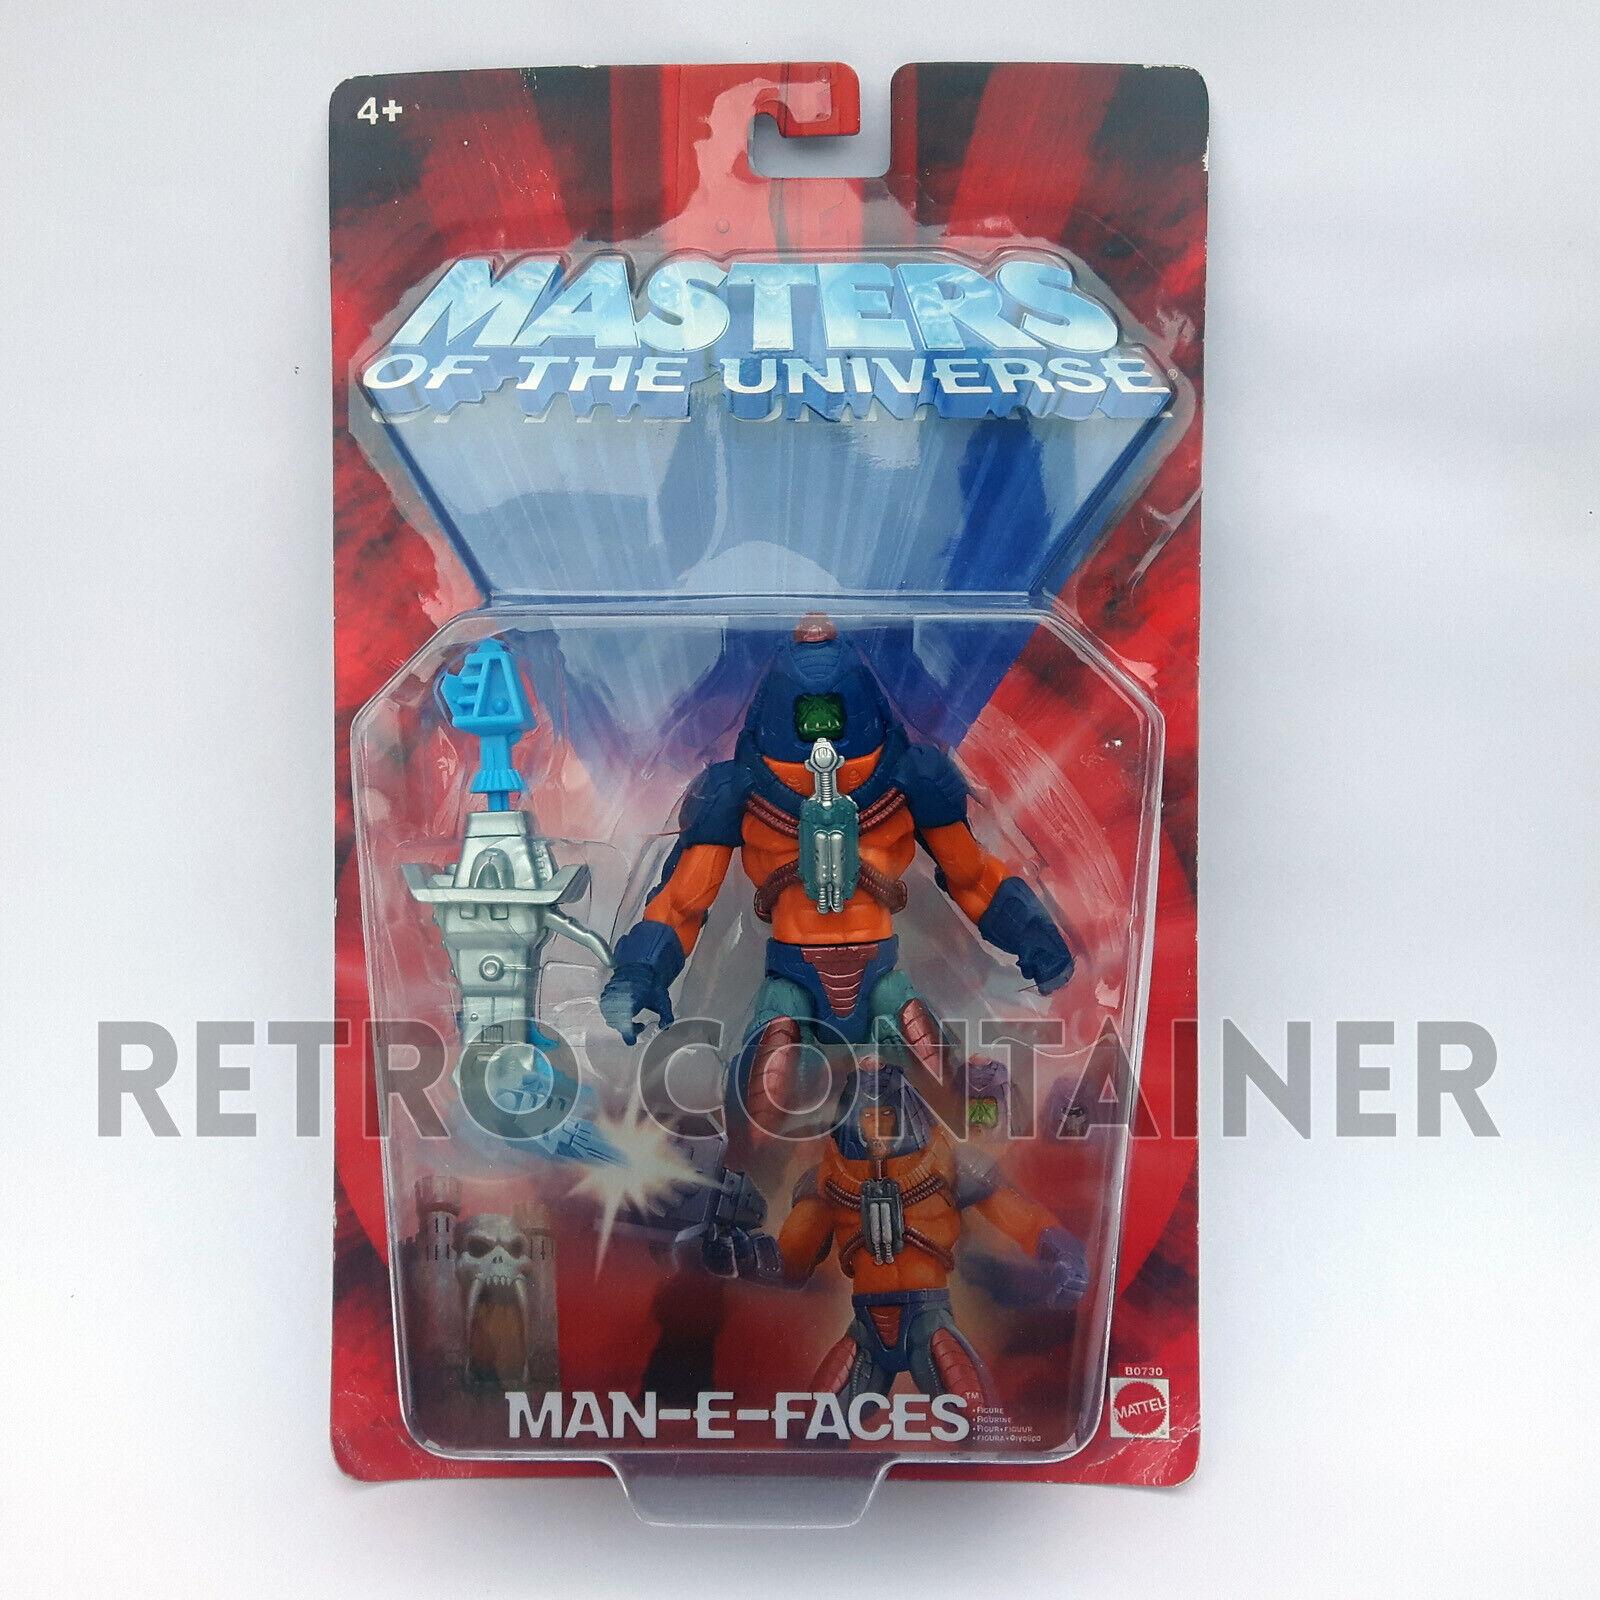 HE-uomo e THE MASTERS OF THE UNIVERSE  MOTU 200X - uomo-E-Faces MISB MOC nuovo  senza esitazione! acquista ora!